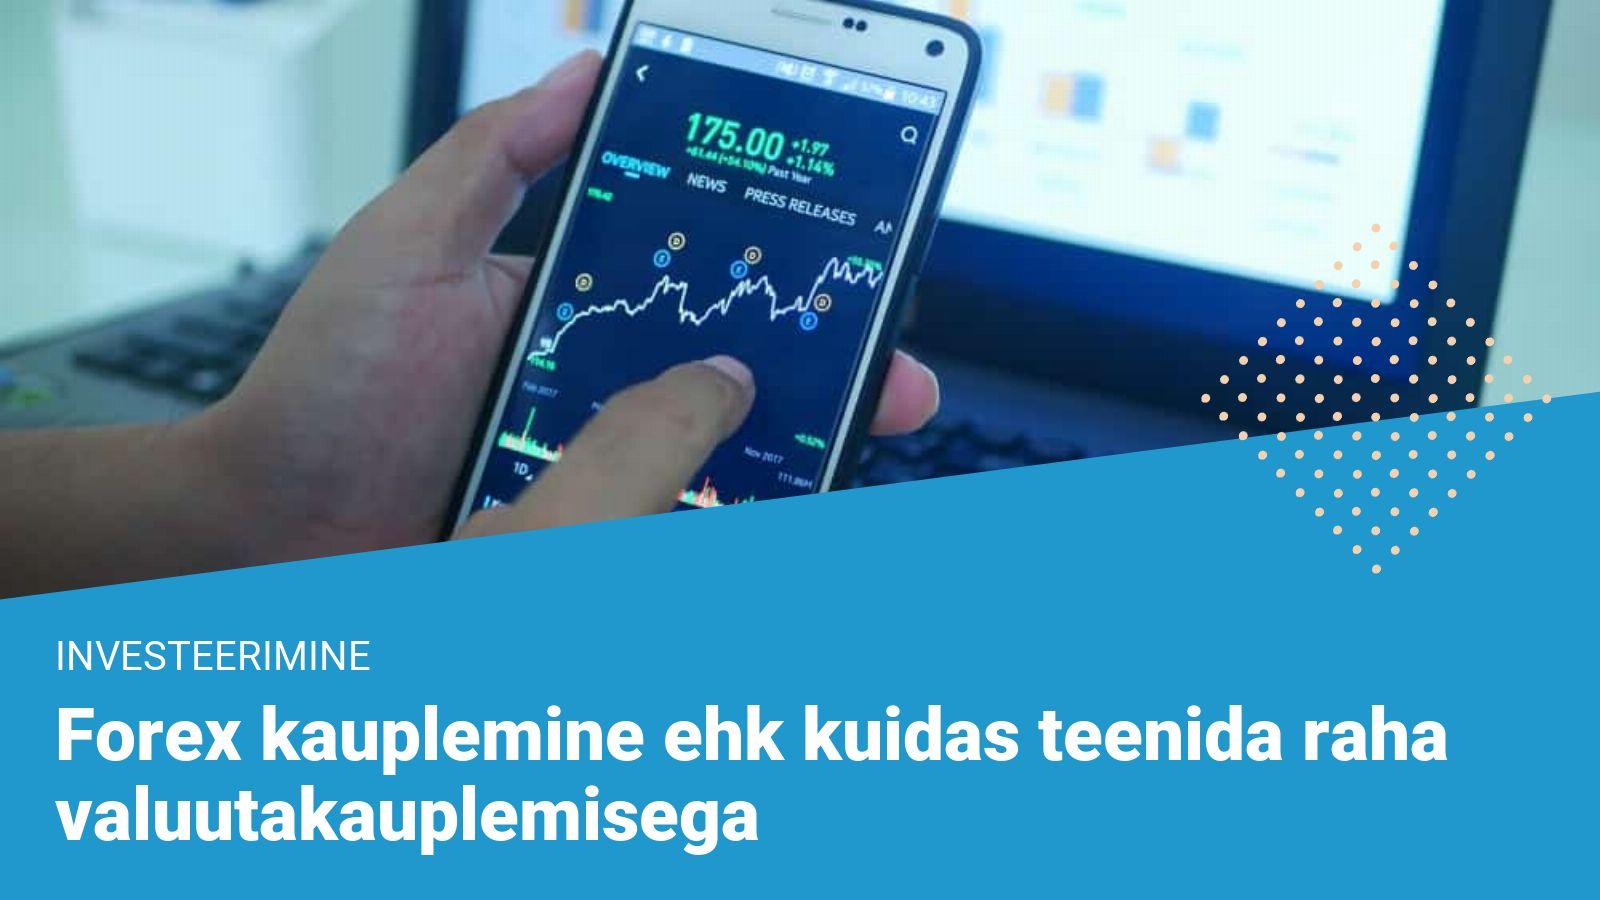 forex kauplemine - valuutakauplemine